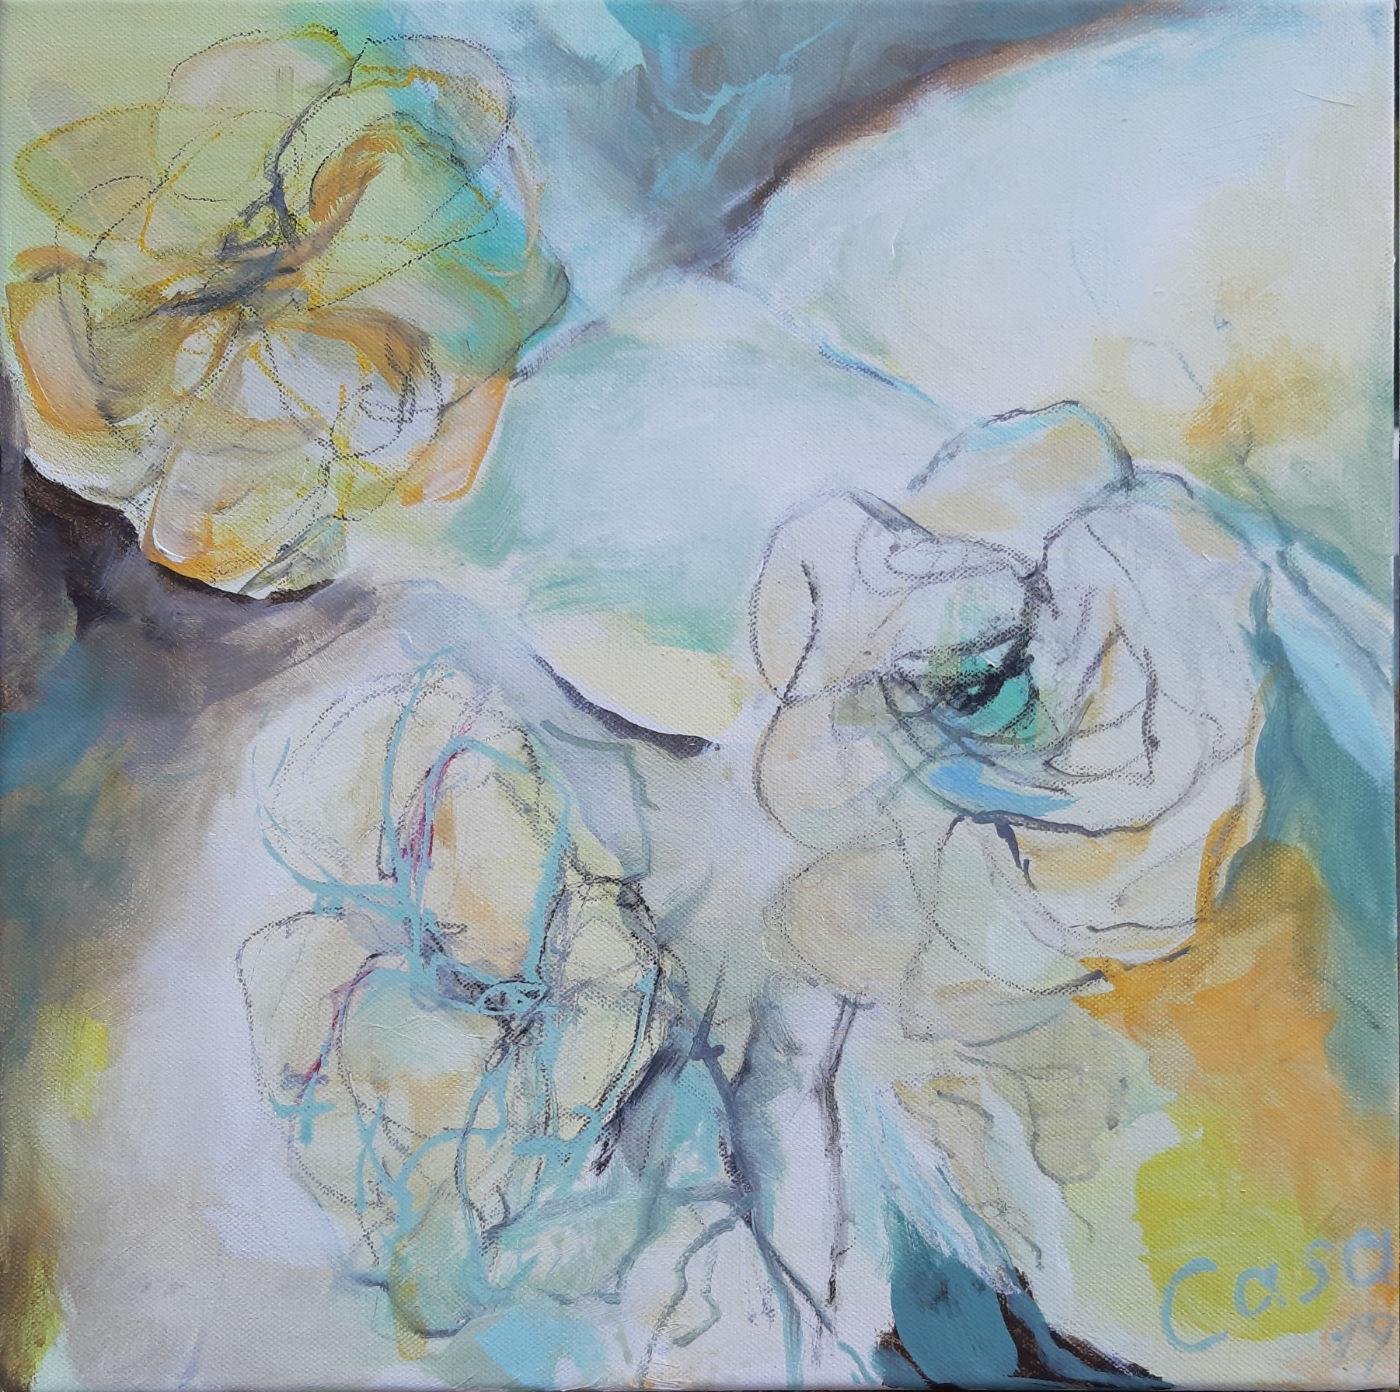 Rosen drei - Acryl, mixed media auf Leinwand, 40 x 40 cm